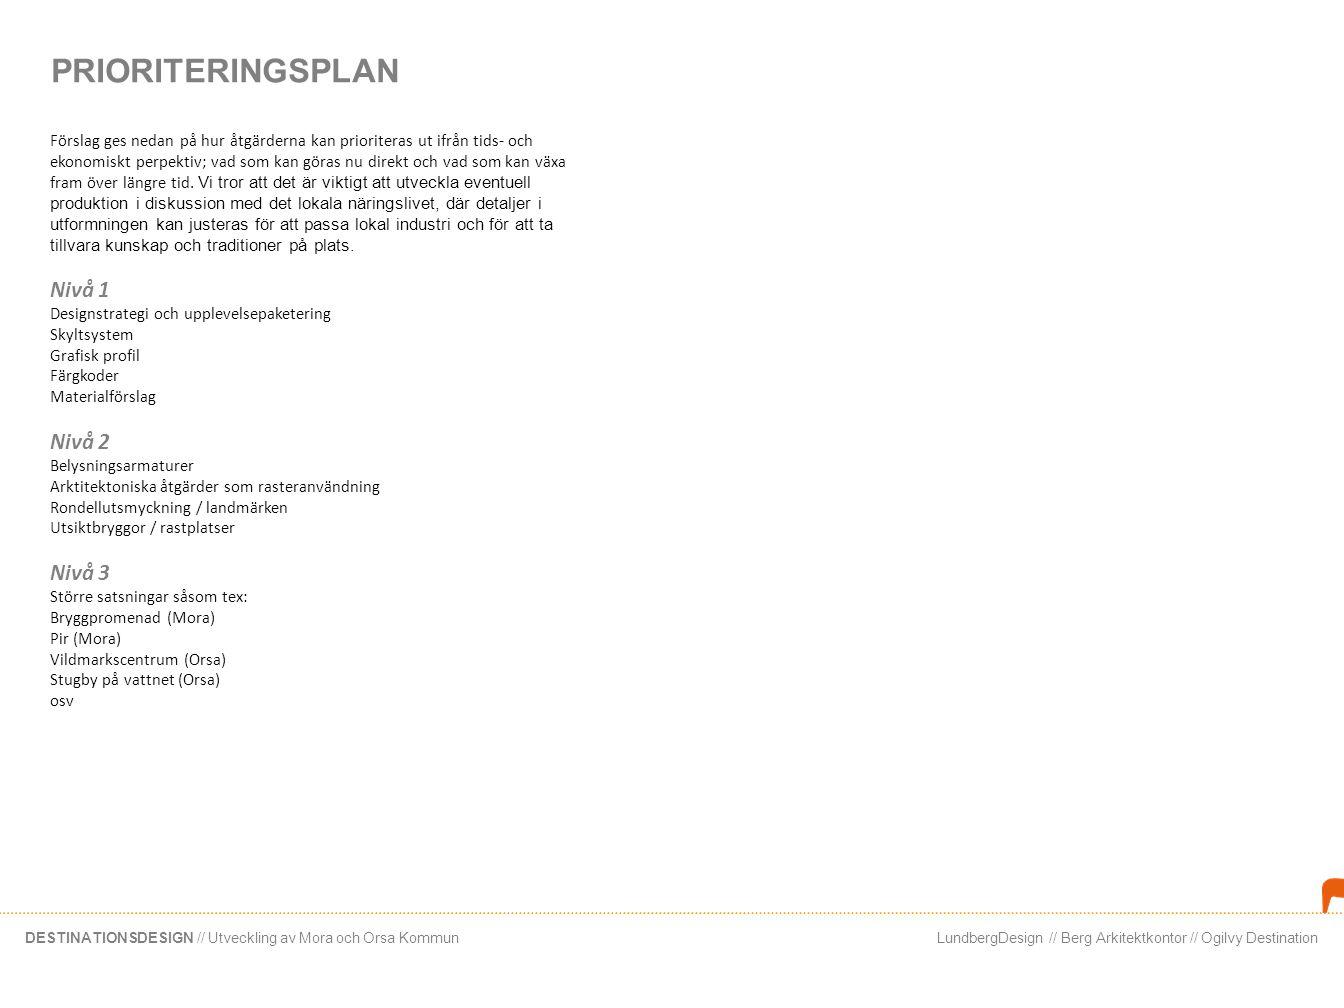 LundbergDesign // Berg Arkitektkontor // Ogilvy DestinationDESTINATIONSDESIGN // Utveckling av Mora och Orsa Kommun TACK.